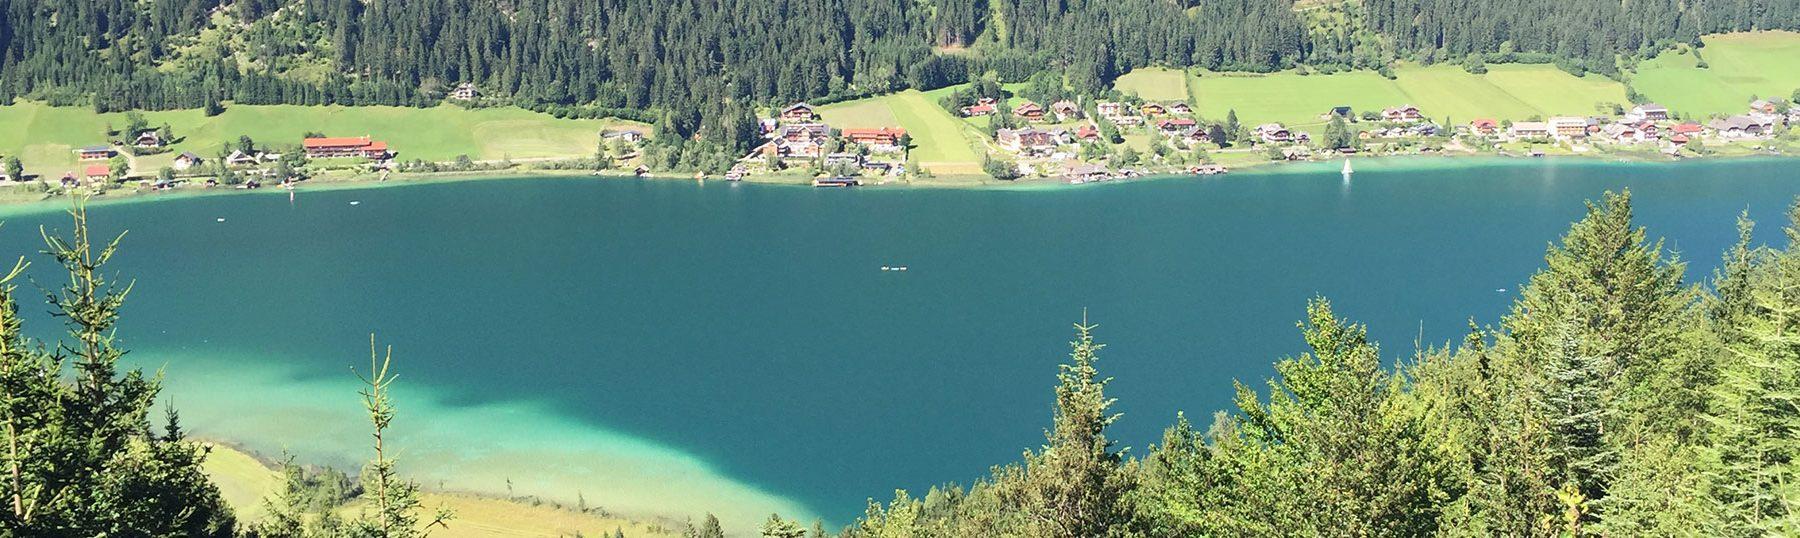 Reinster Badesee der Alpen